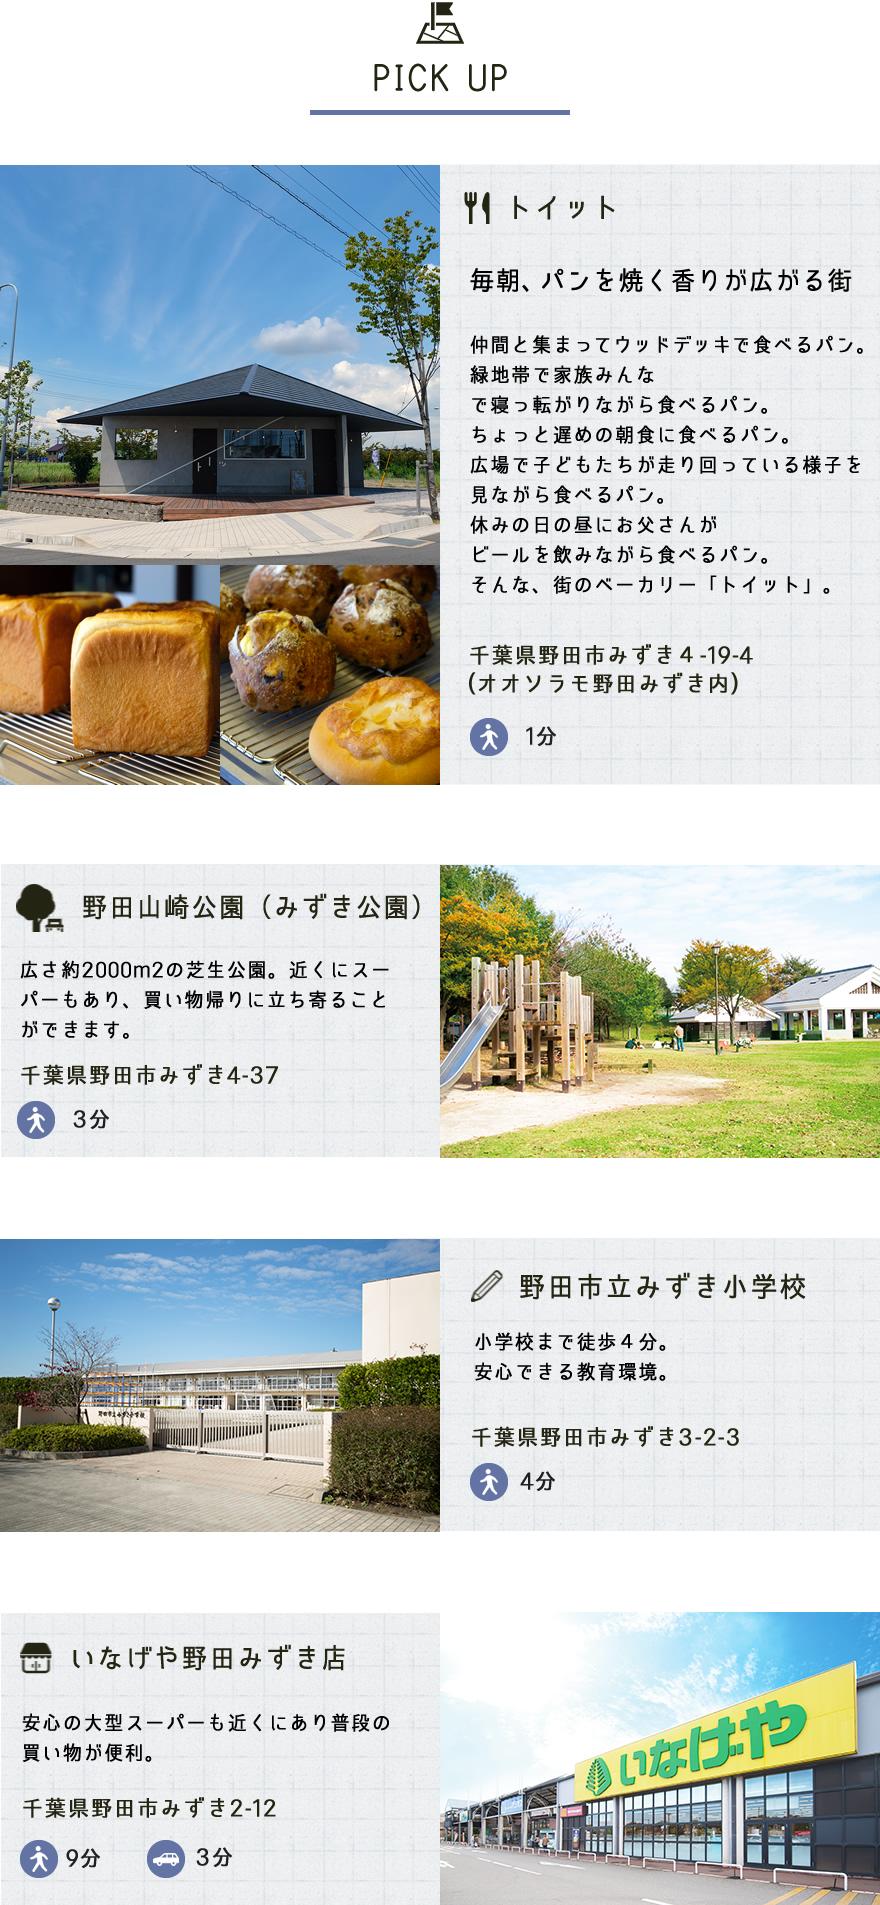 新築一戸建て ソラの街 Unit2の野田市周辺エリア情報「ピックアップ編 1」